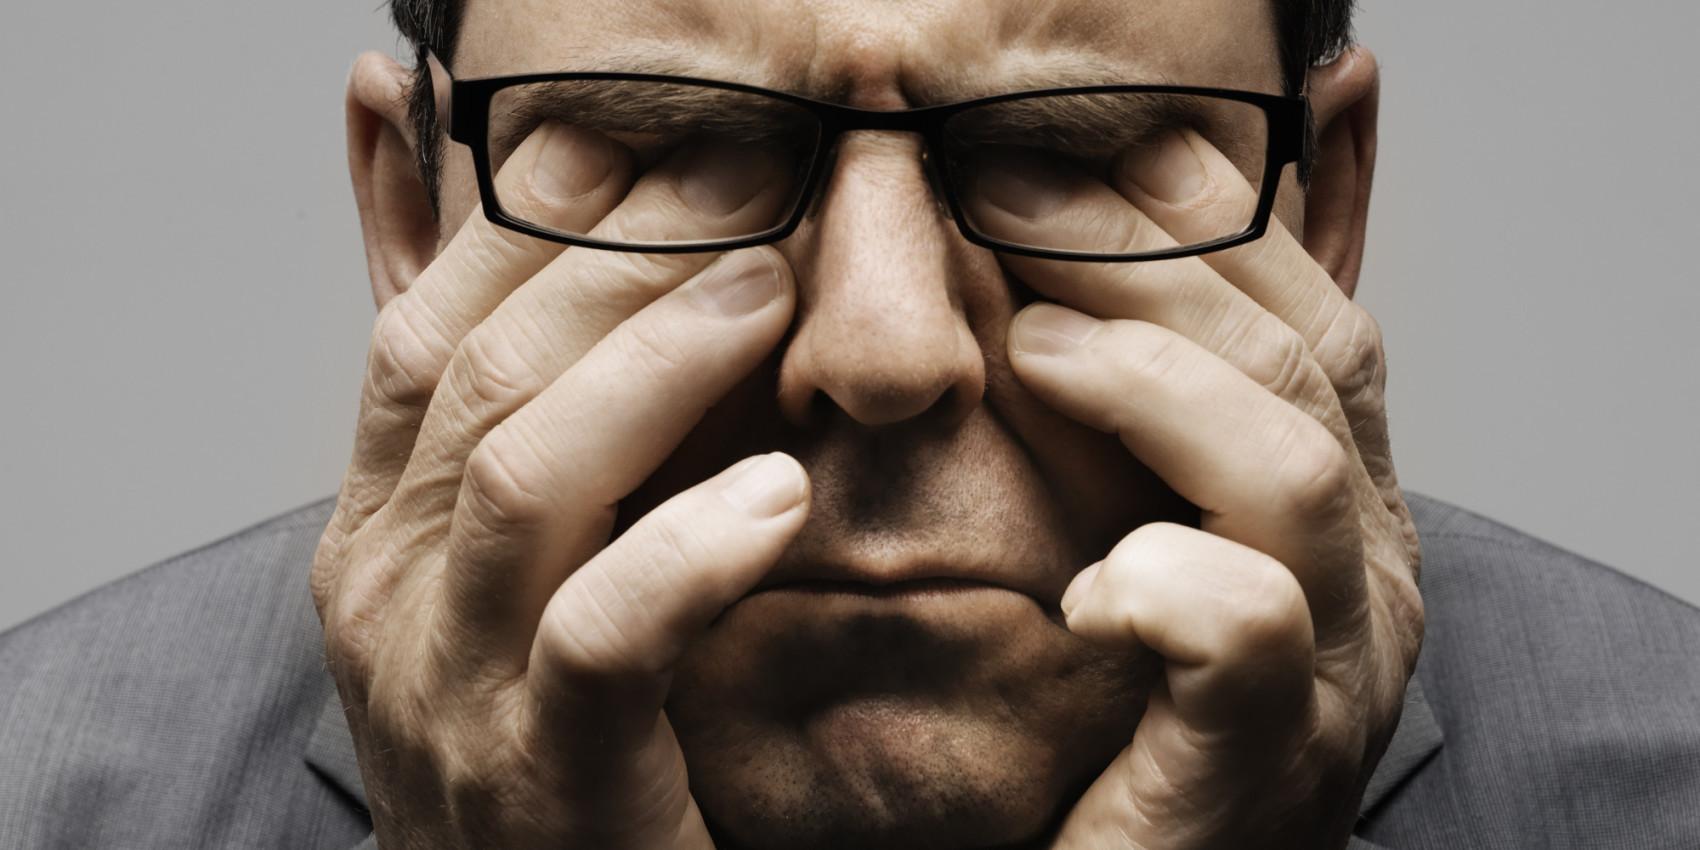 Депрессия влияет на стресс